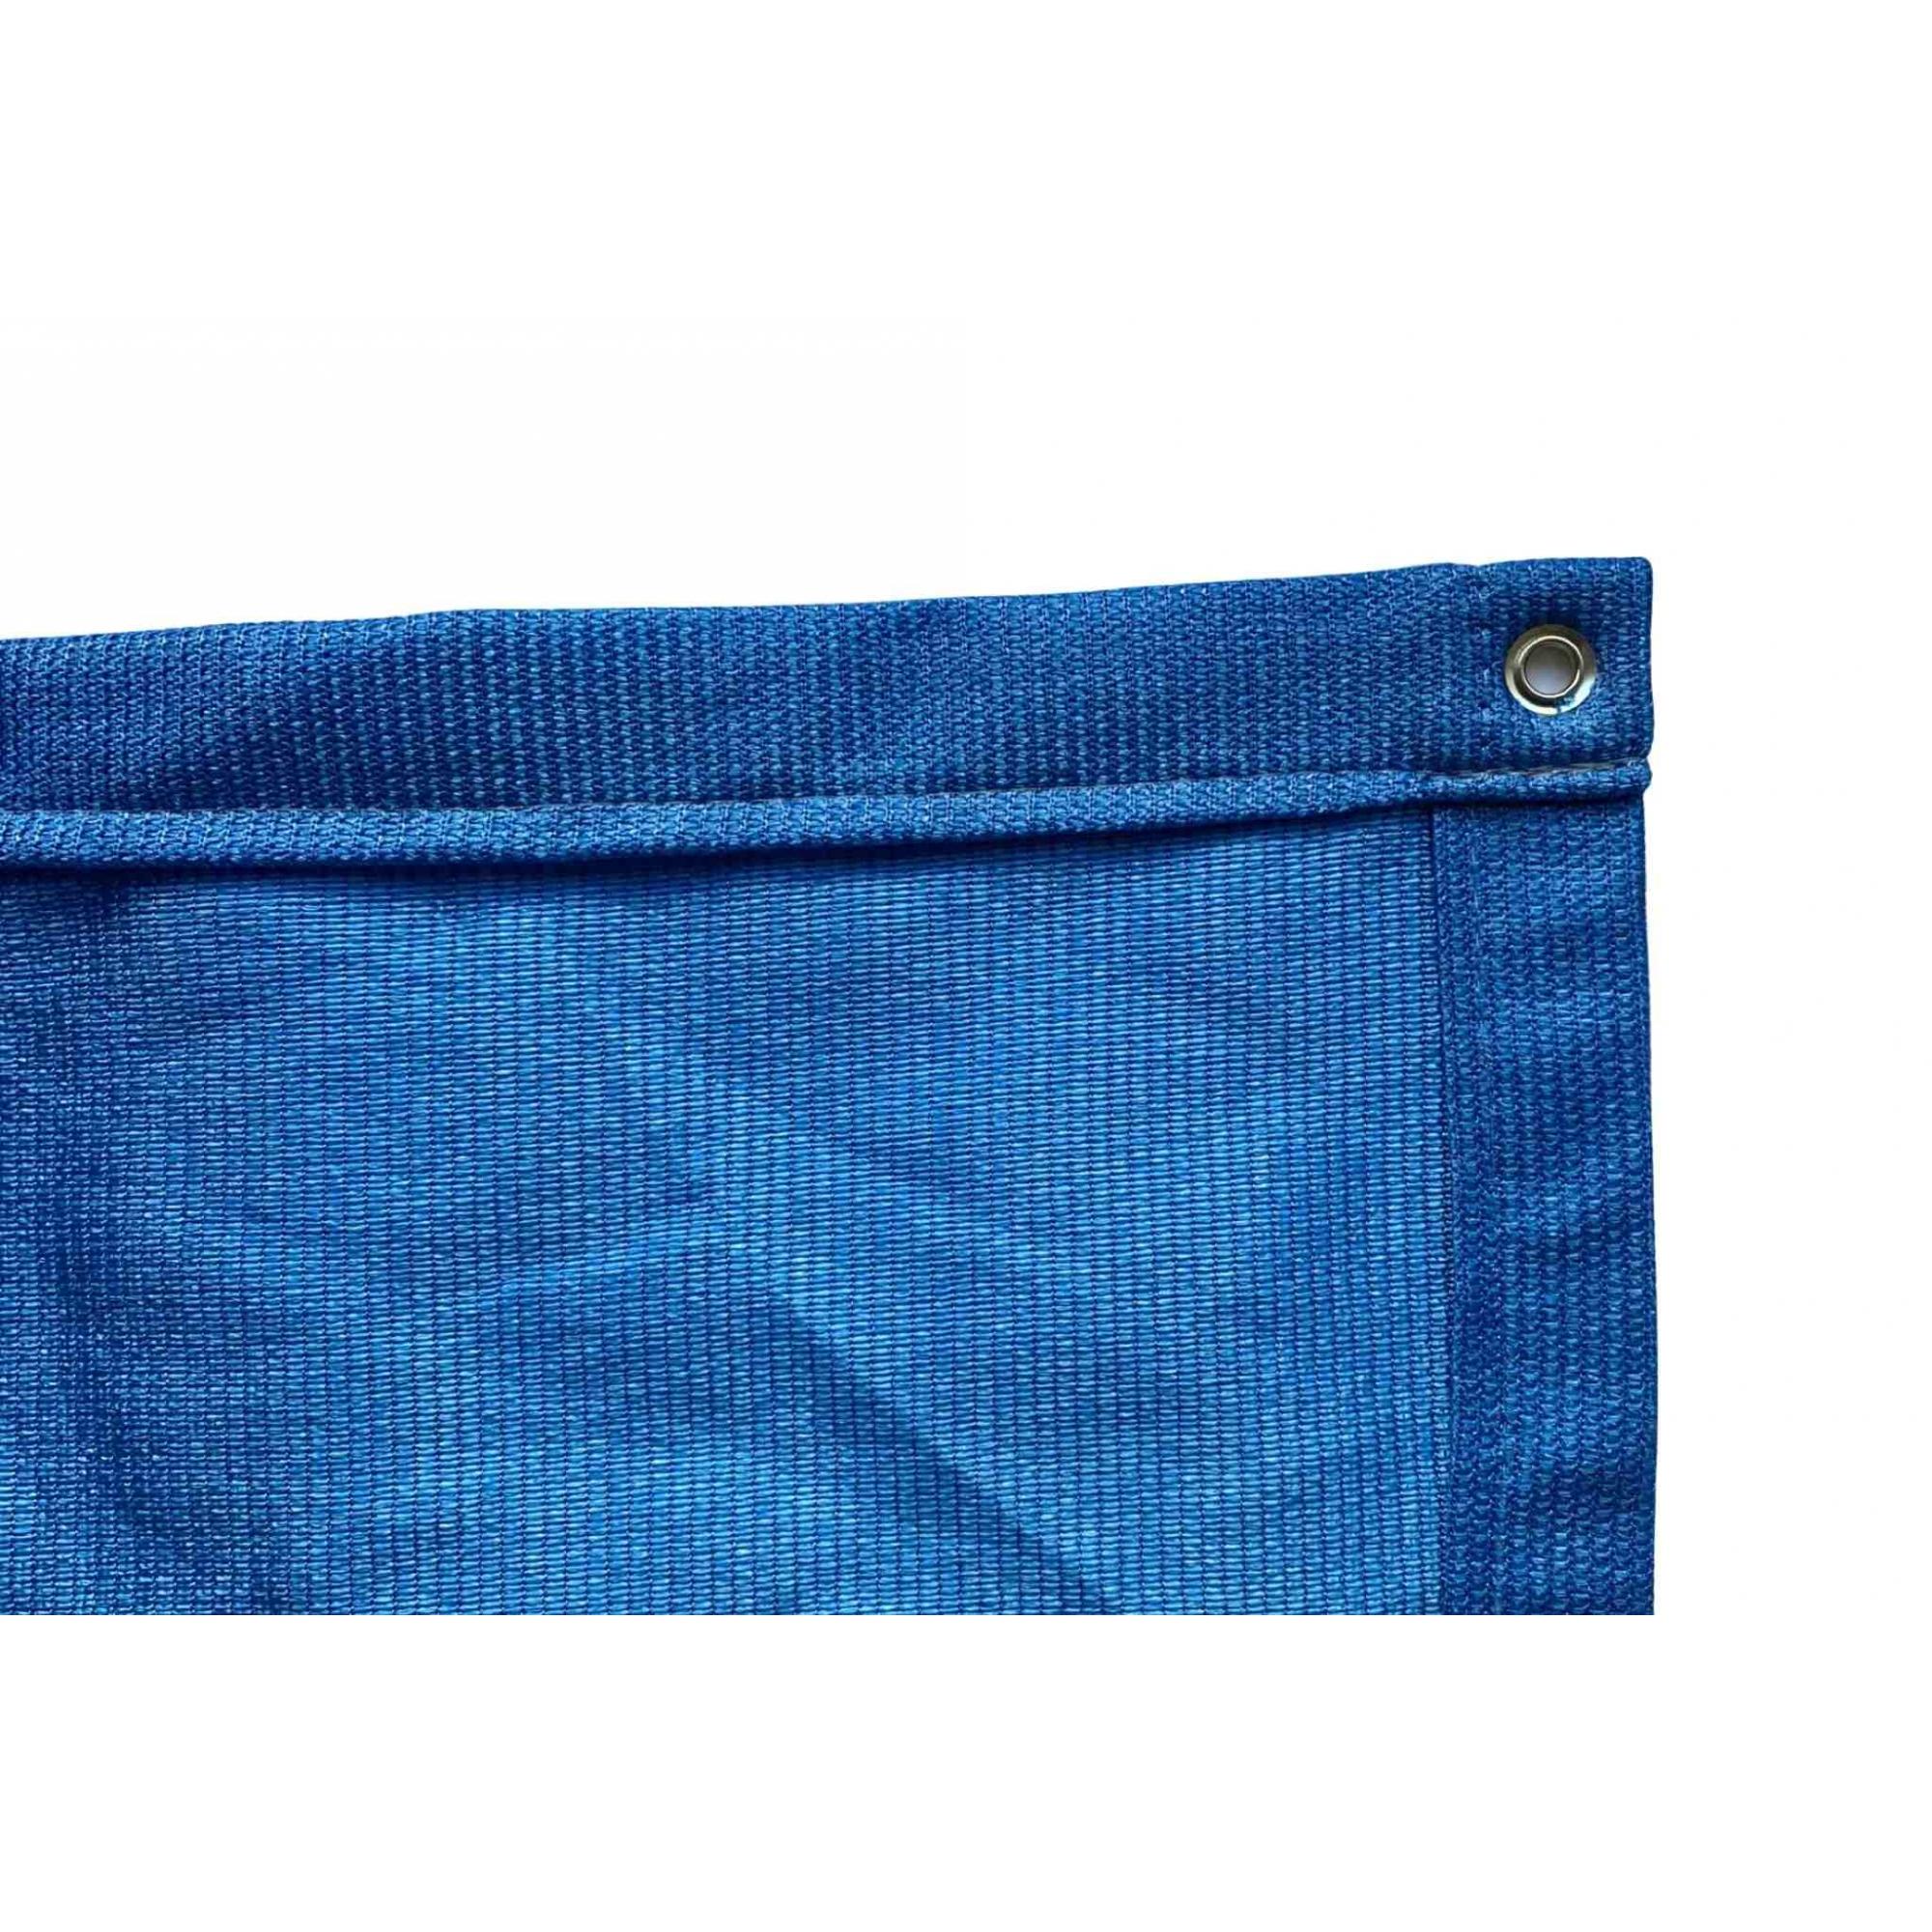 Tela de Sombreamento 90% Azul com Bainha e Ilhós - Largura: 3,5 Metros